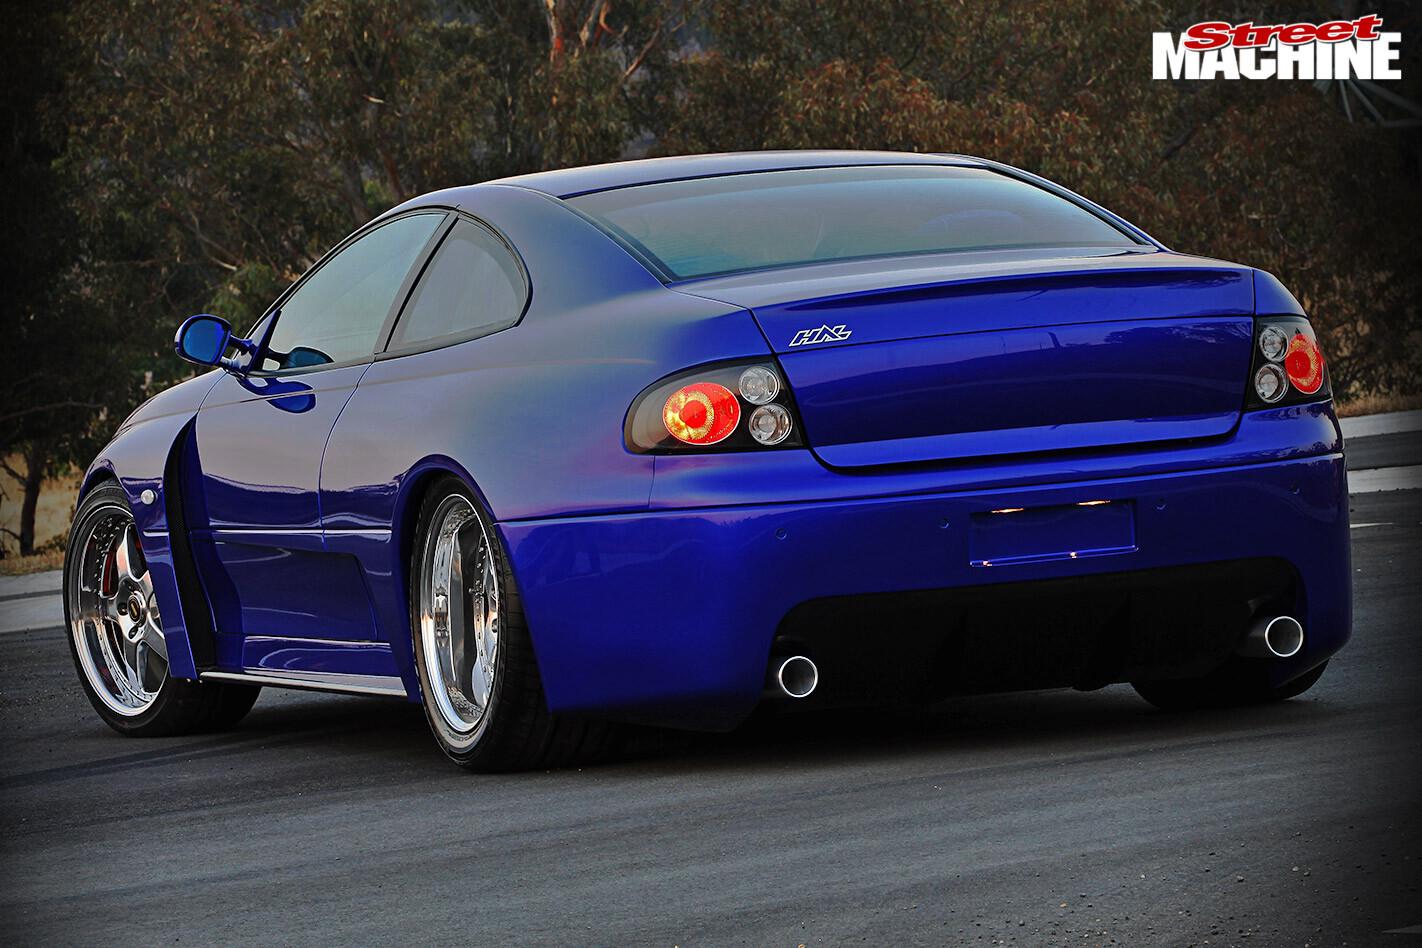 HSV GTO rear